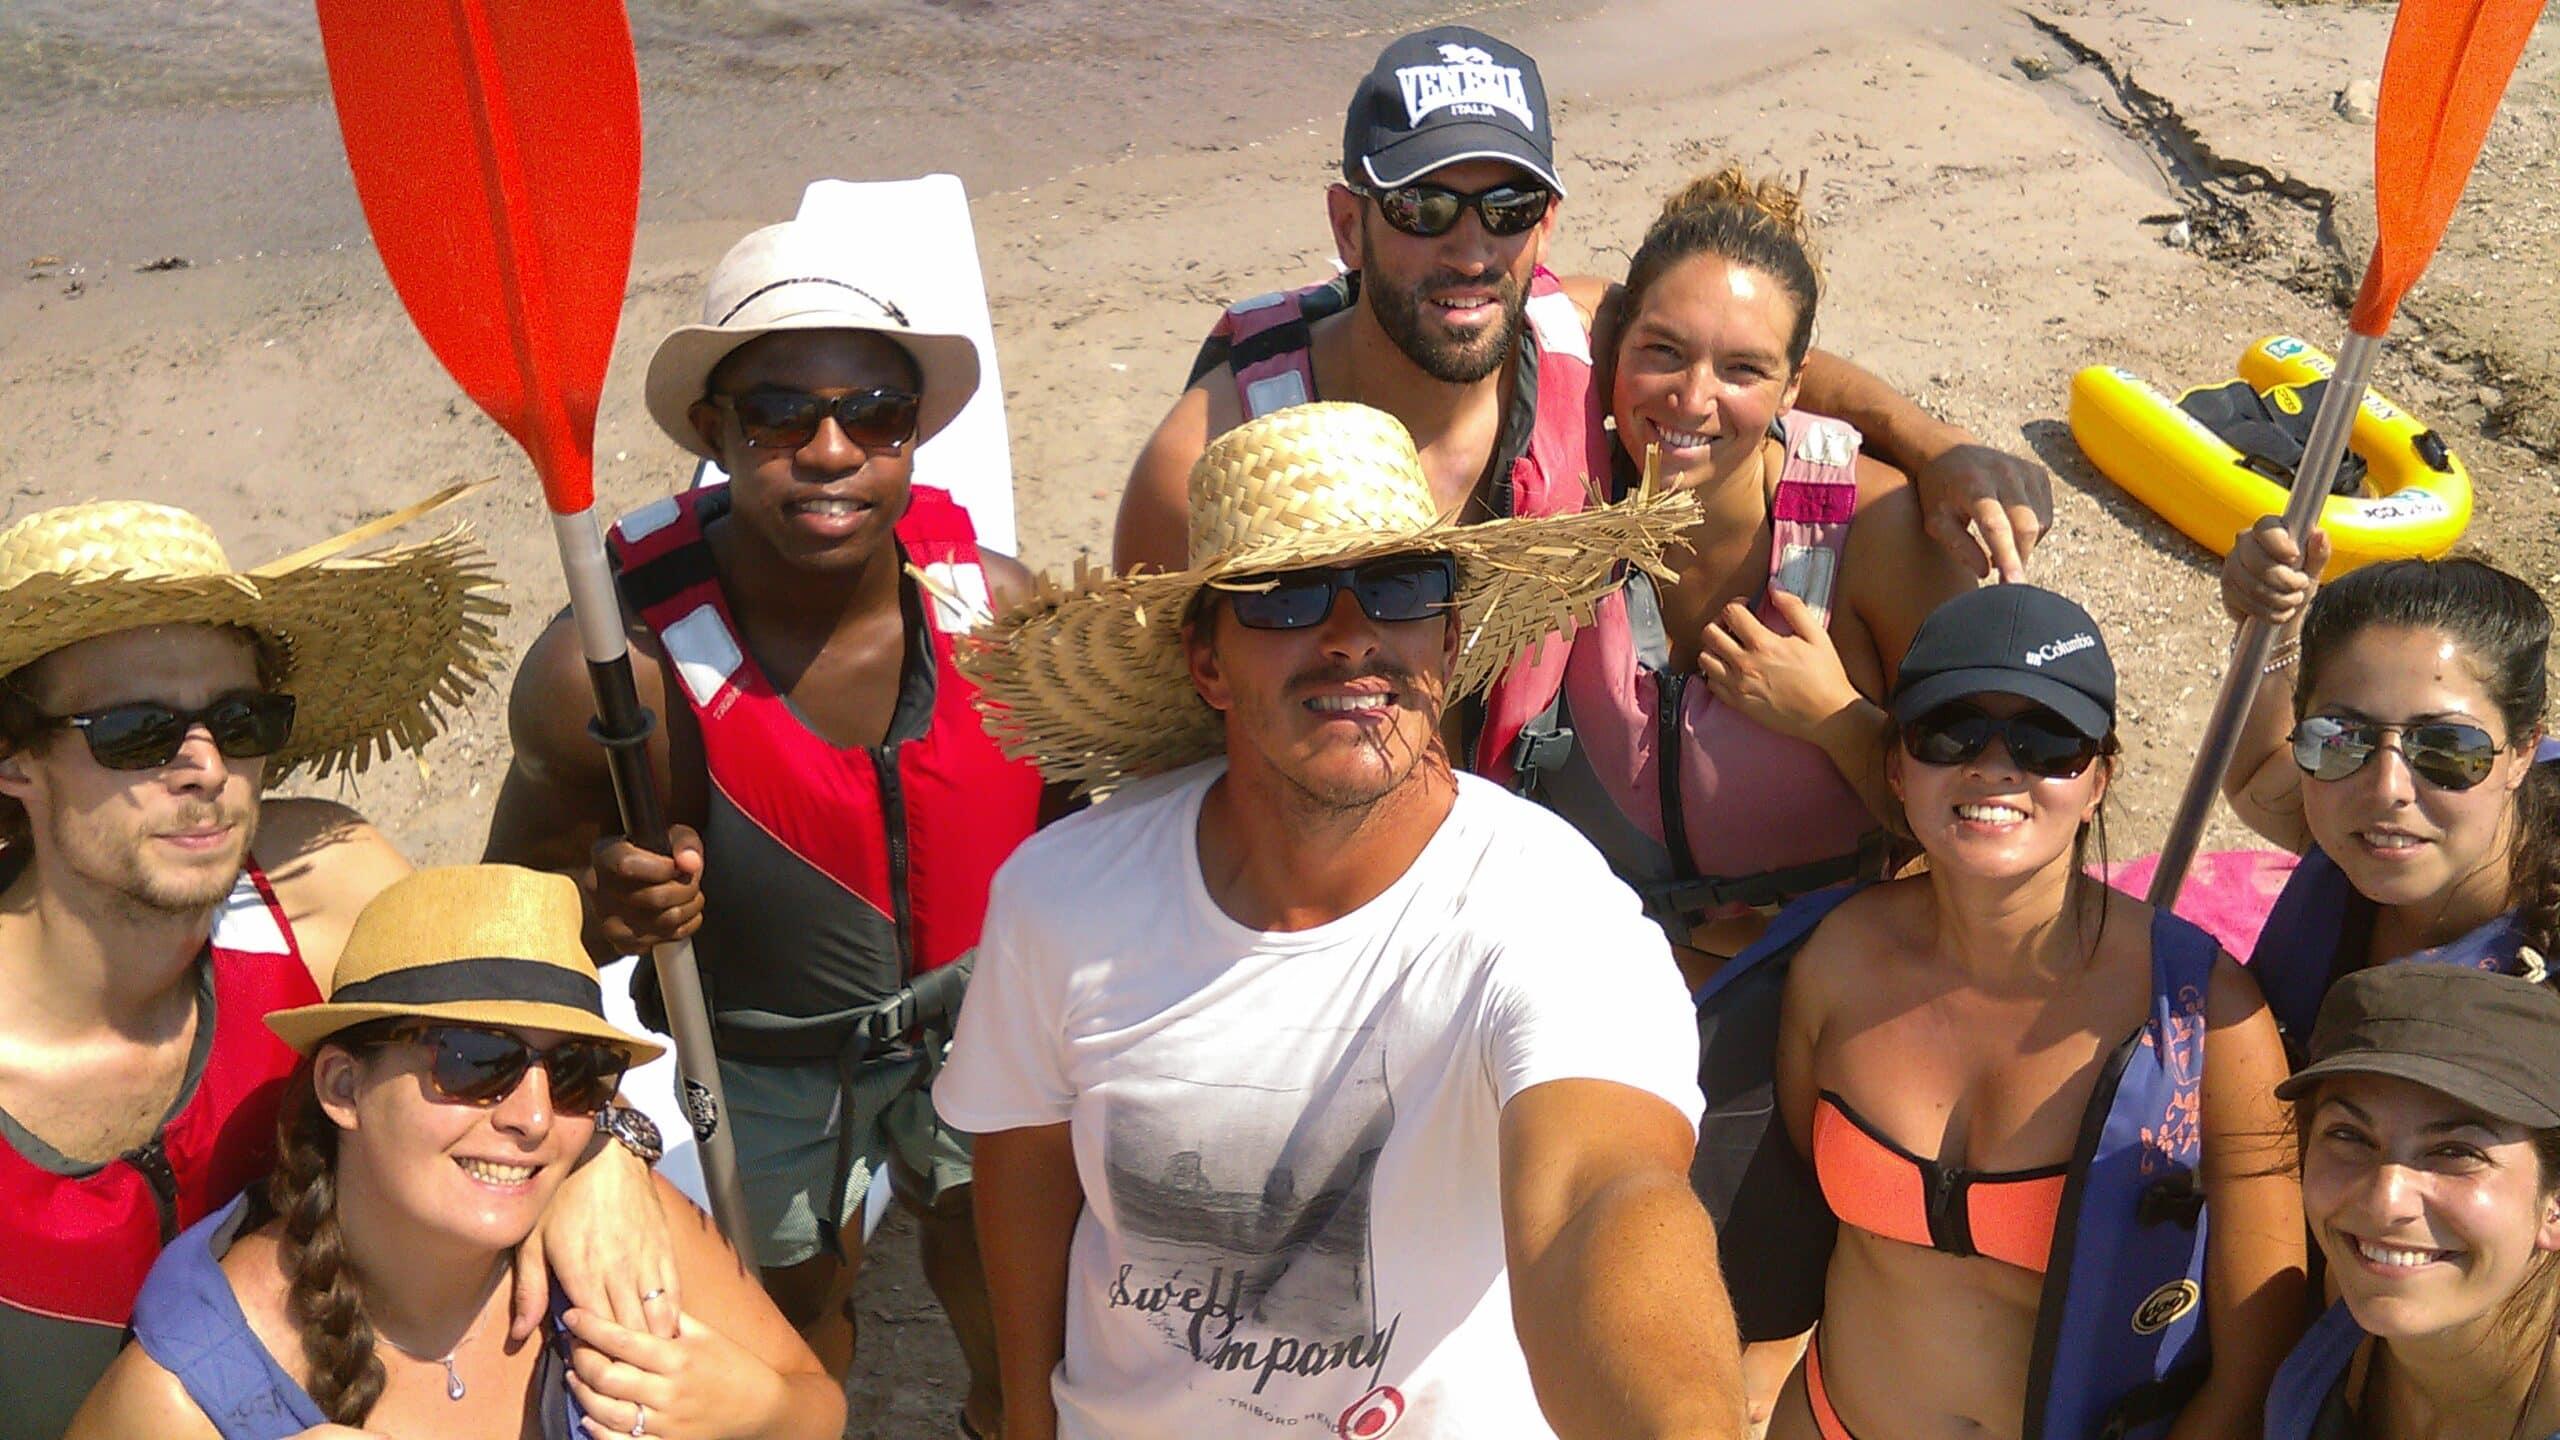 Destination kayak Cap d'antibes